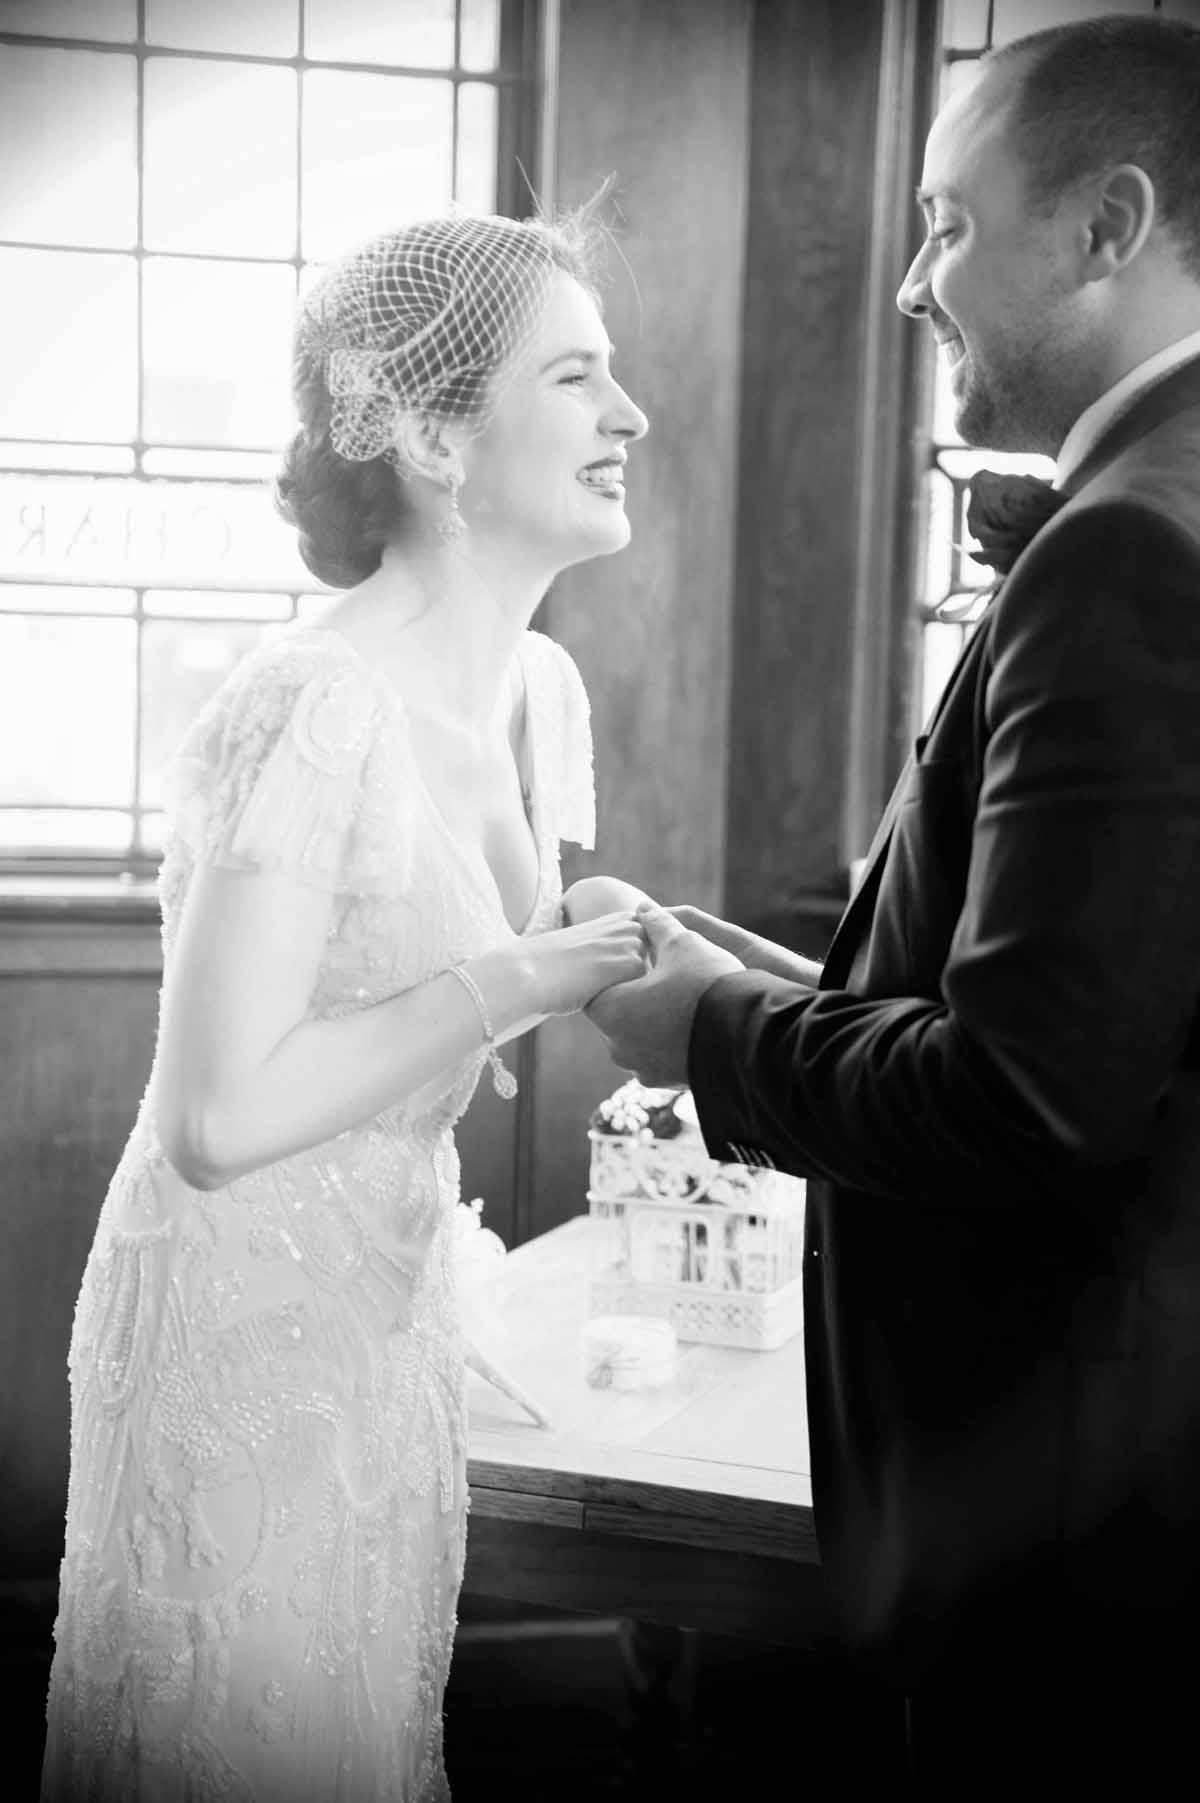 civil-ceremony-photographer